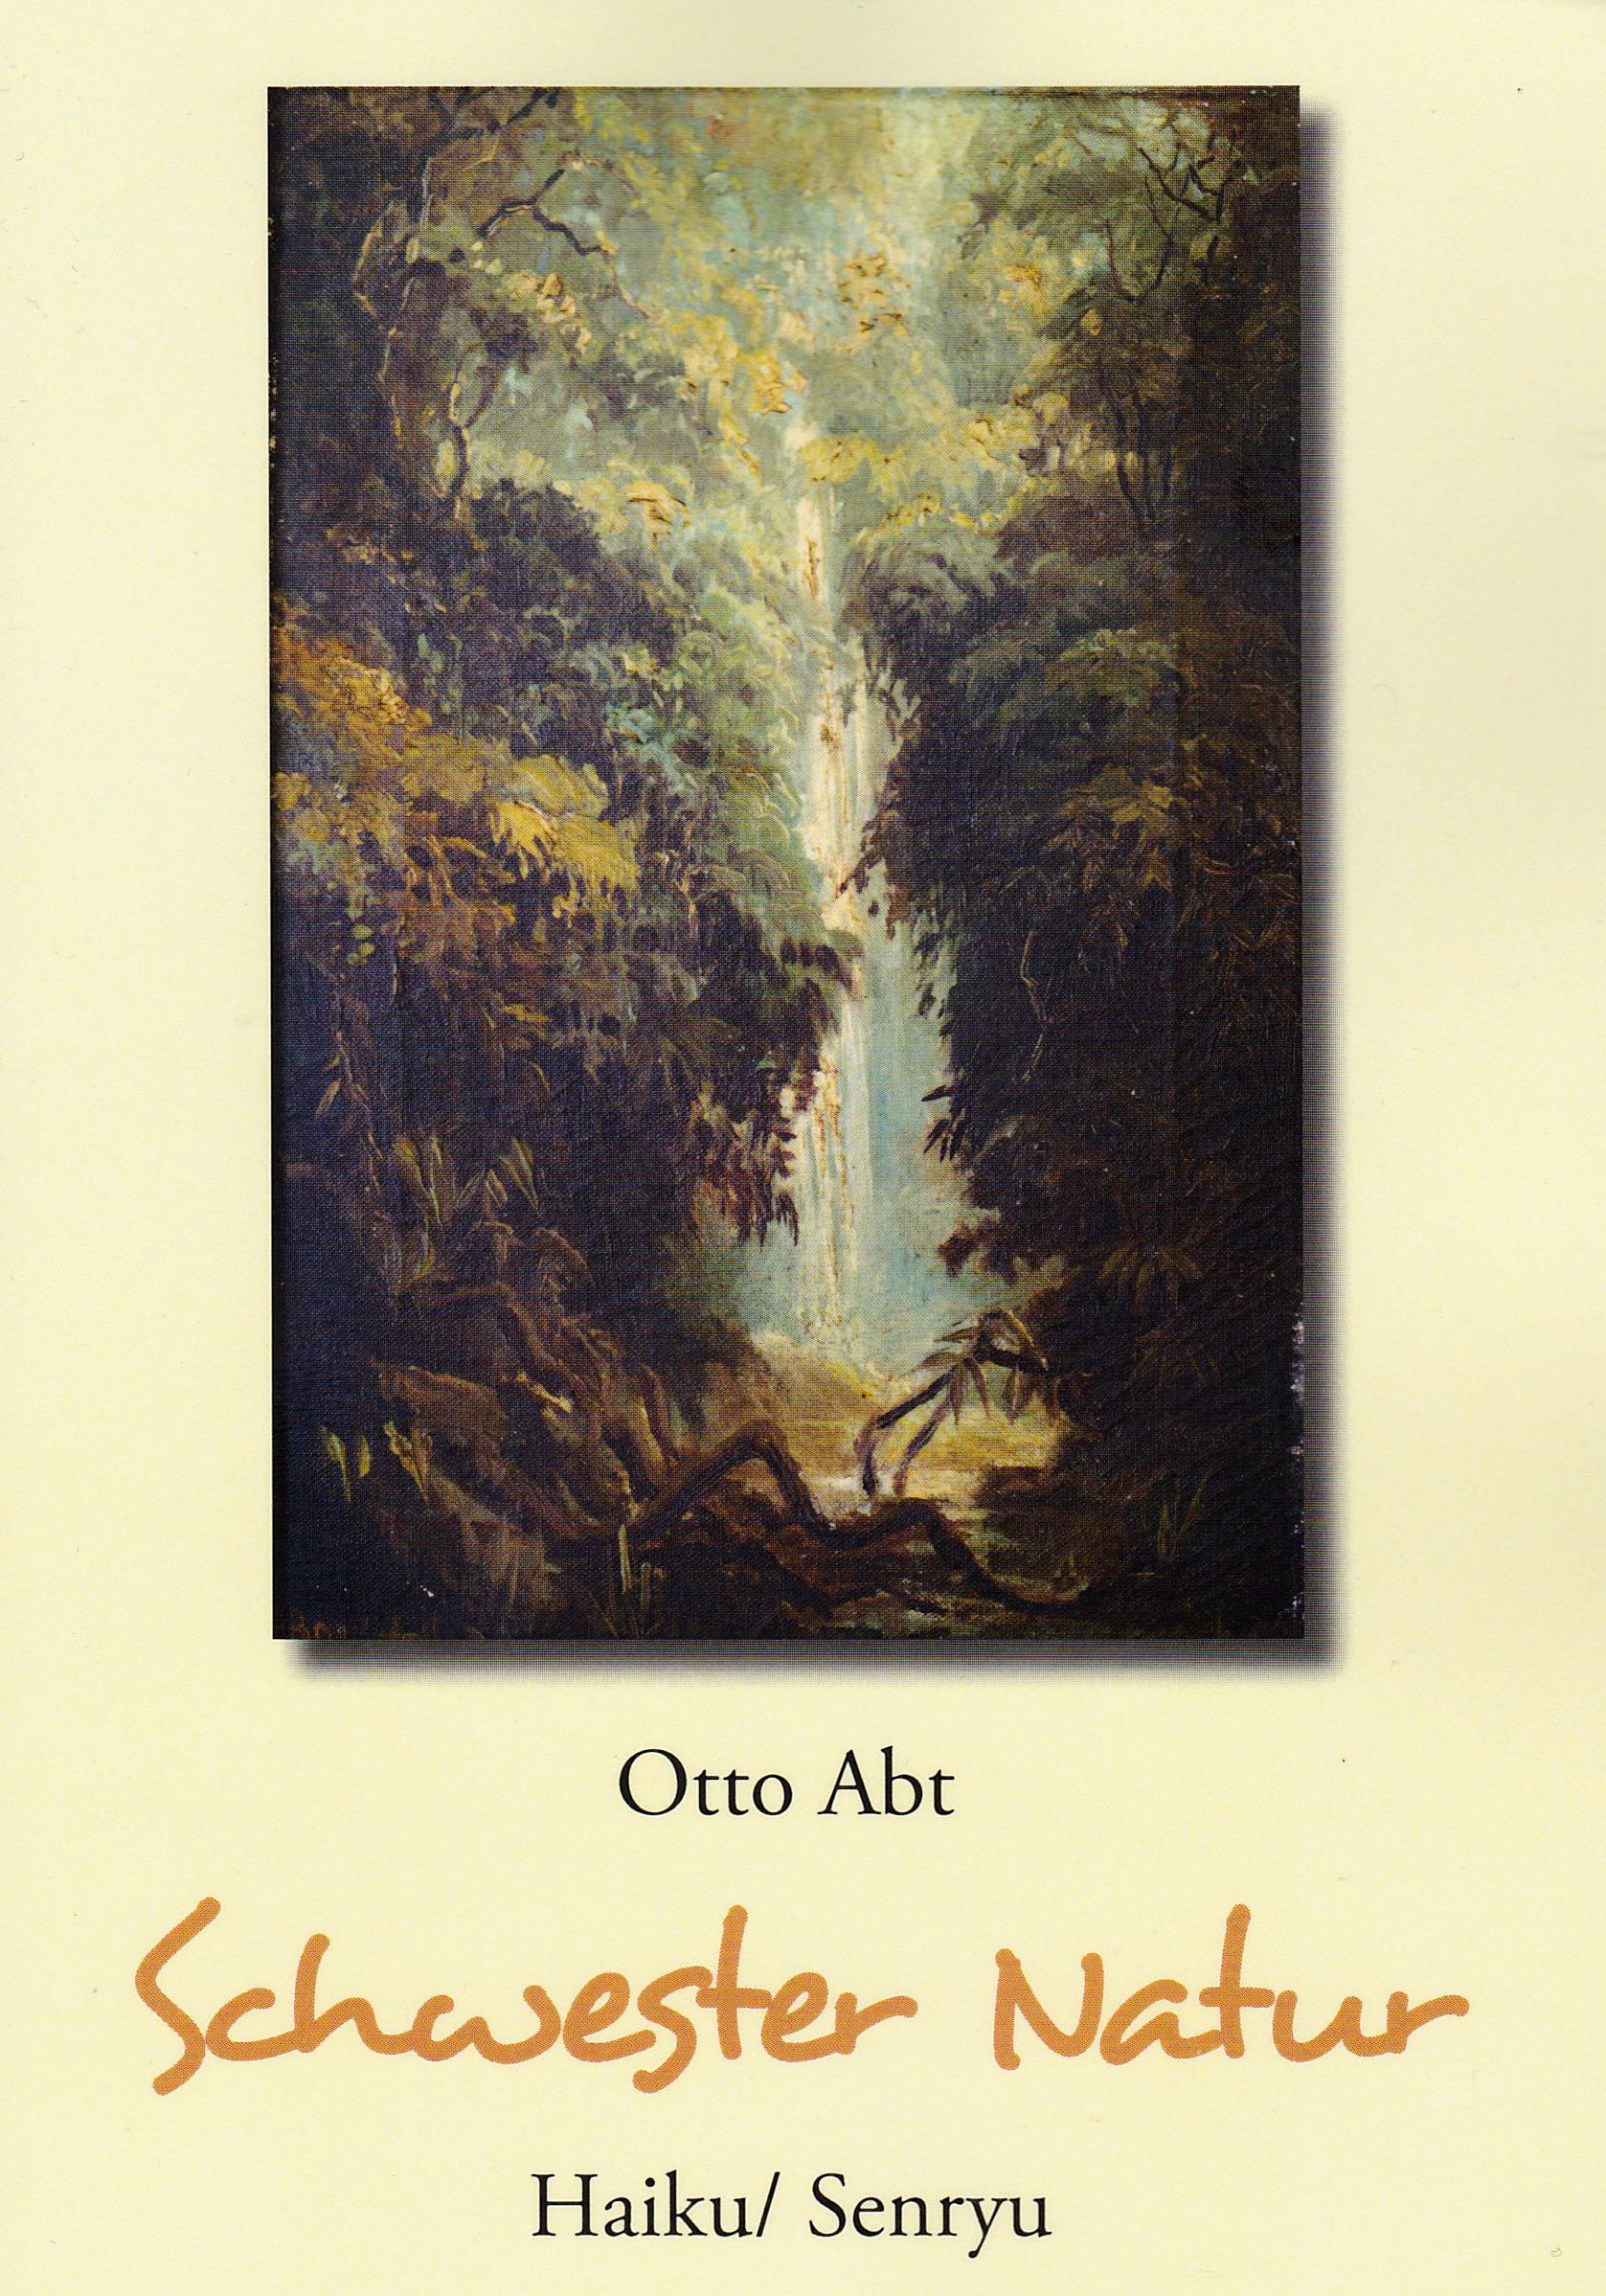 Otto Abt, schwester natur